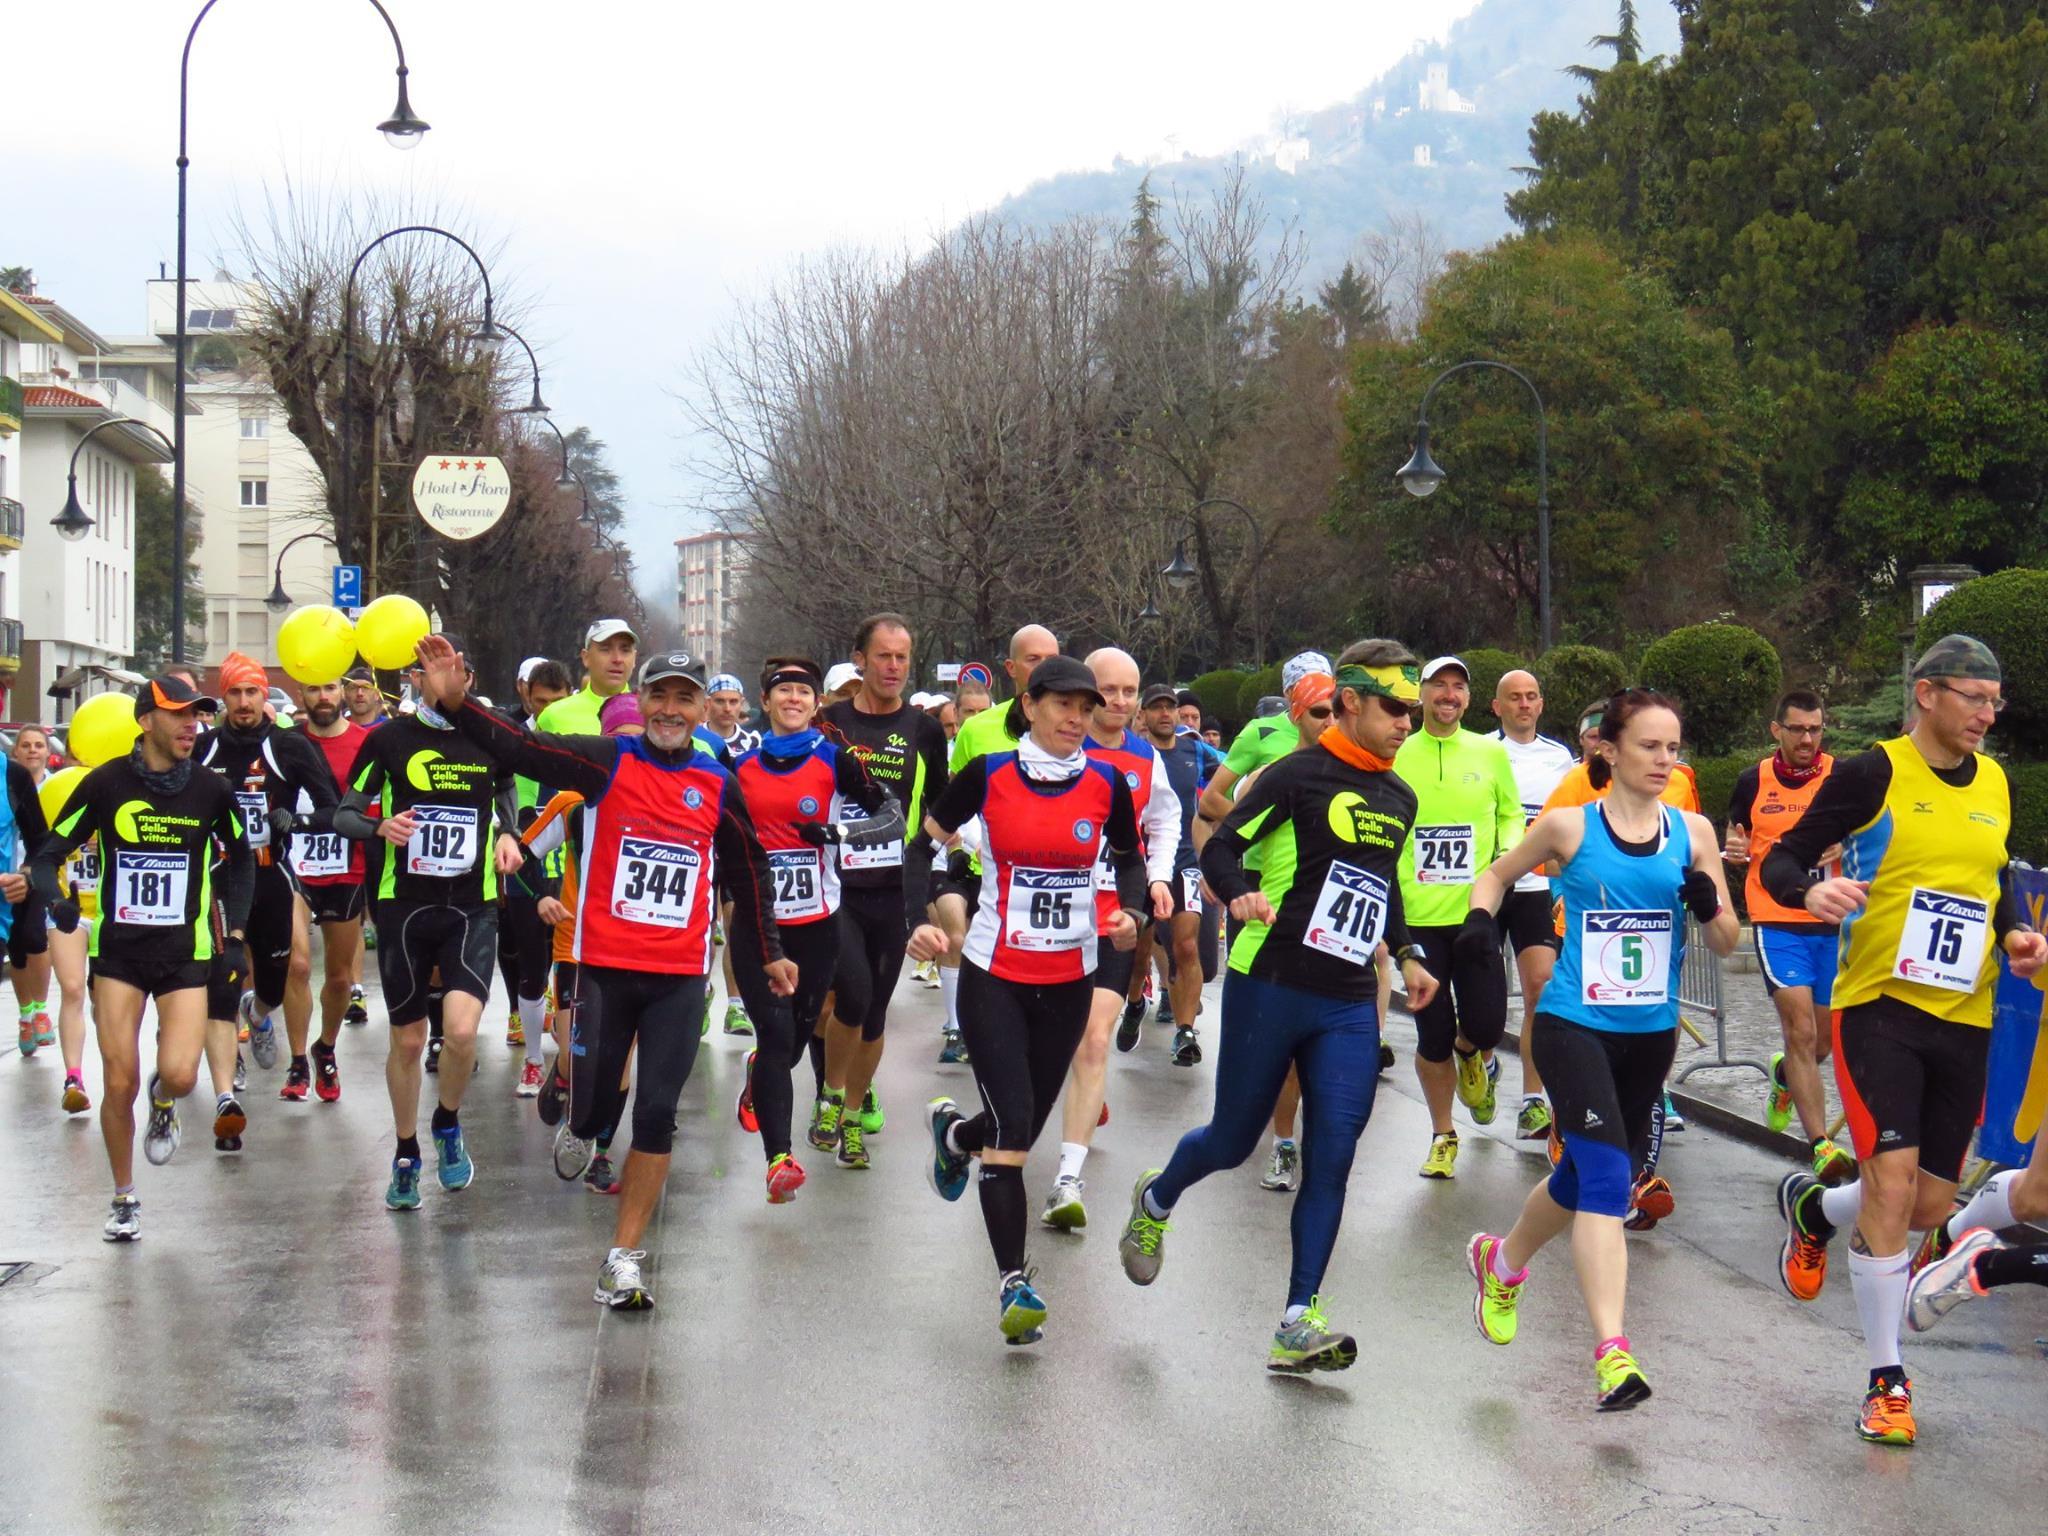 runners_gruppo_scuola-di-maratona_eroica15-18_inverno_corsa_blog_vittorio-veneto_18-marzo-2018_pioggia_maratona